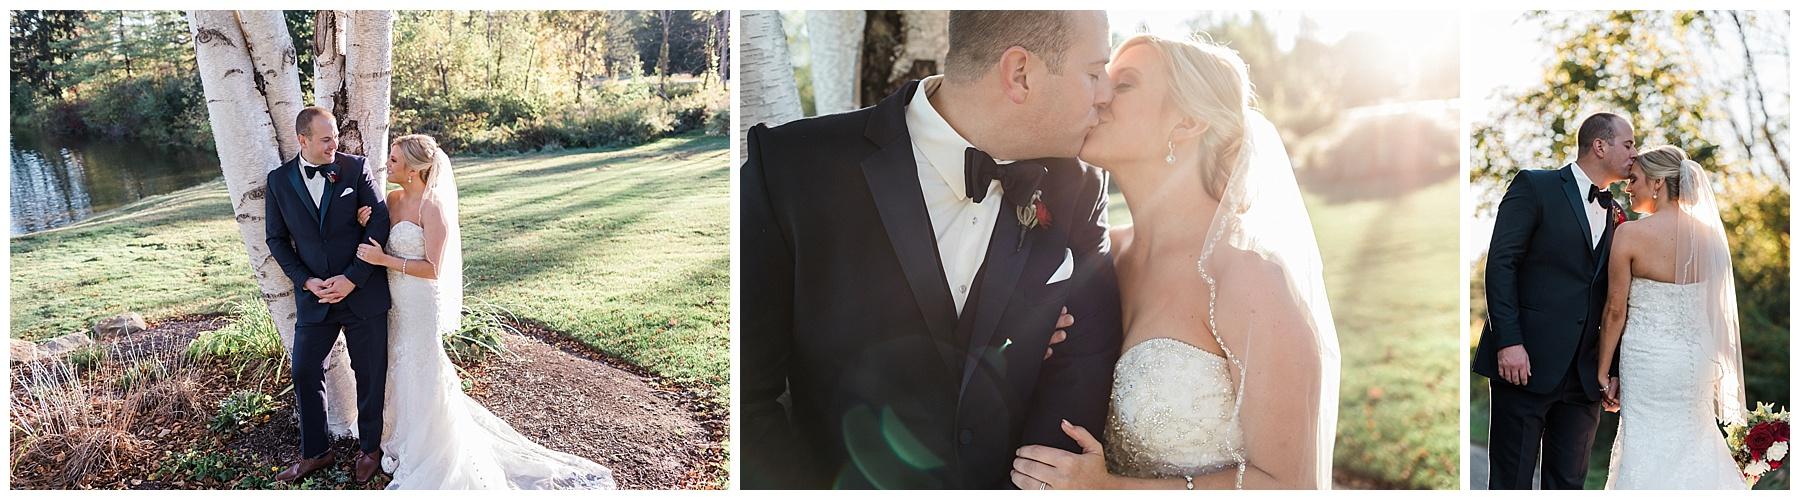 Squaw Creek Country Club Wedding_L.A.R. Weddings_Lindsey Ramdin